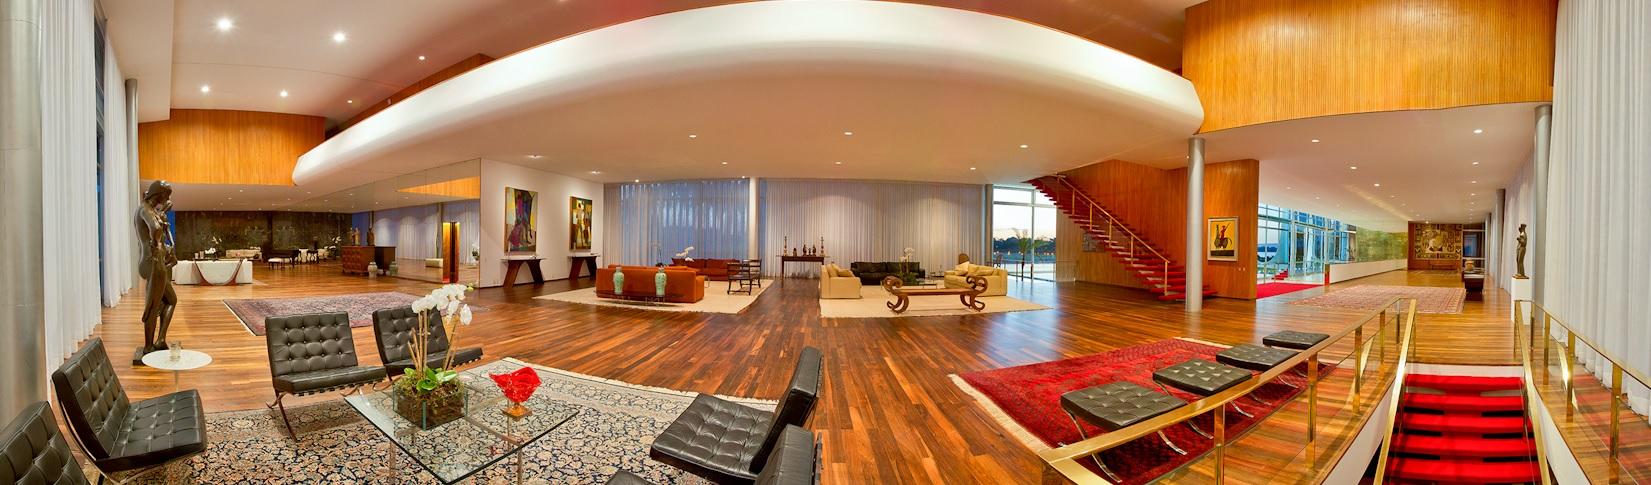 Conheça detalhes do Palácio da Alvorada: nova residência da família Temer